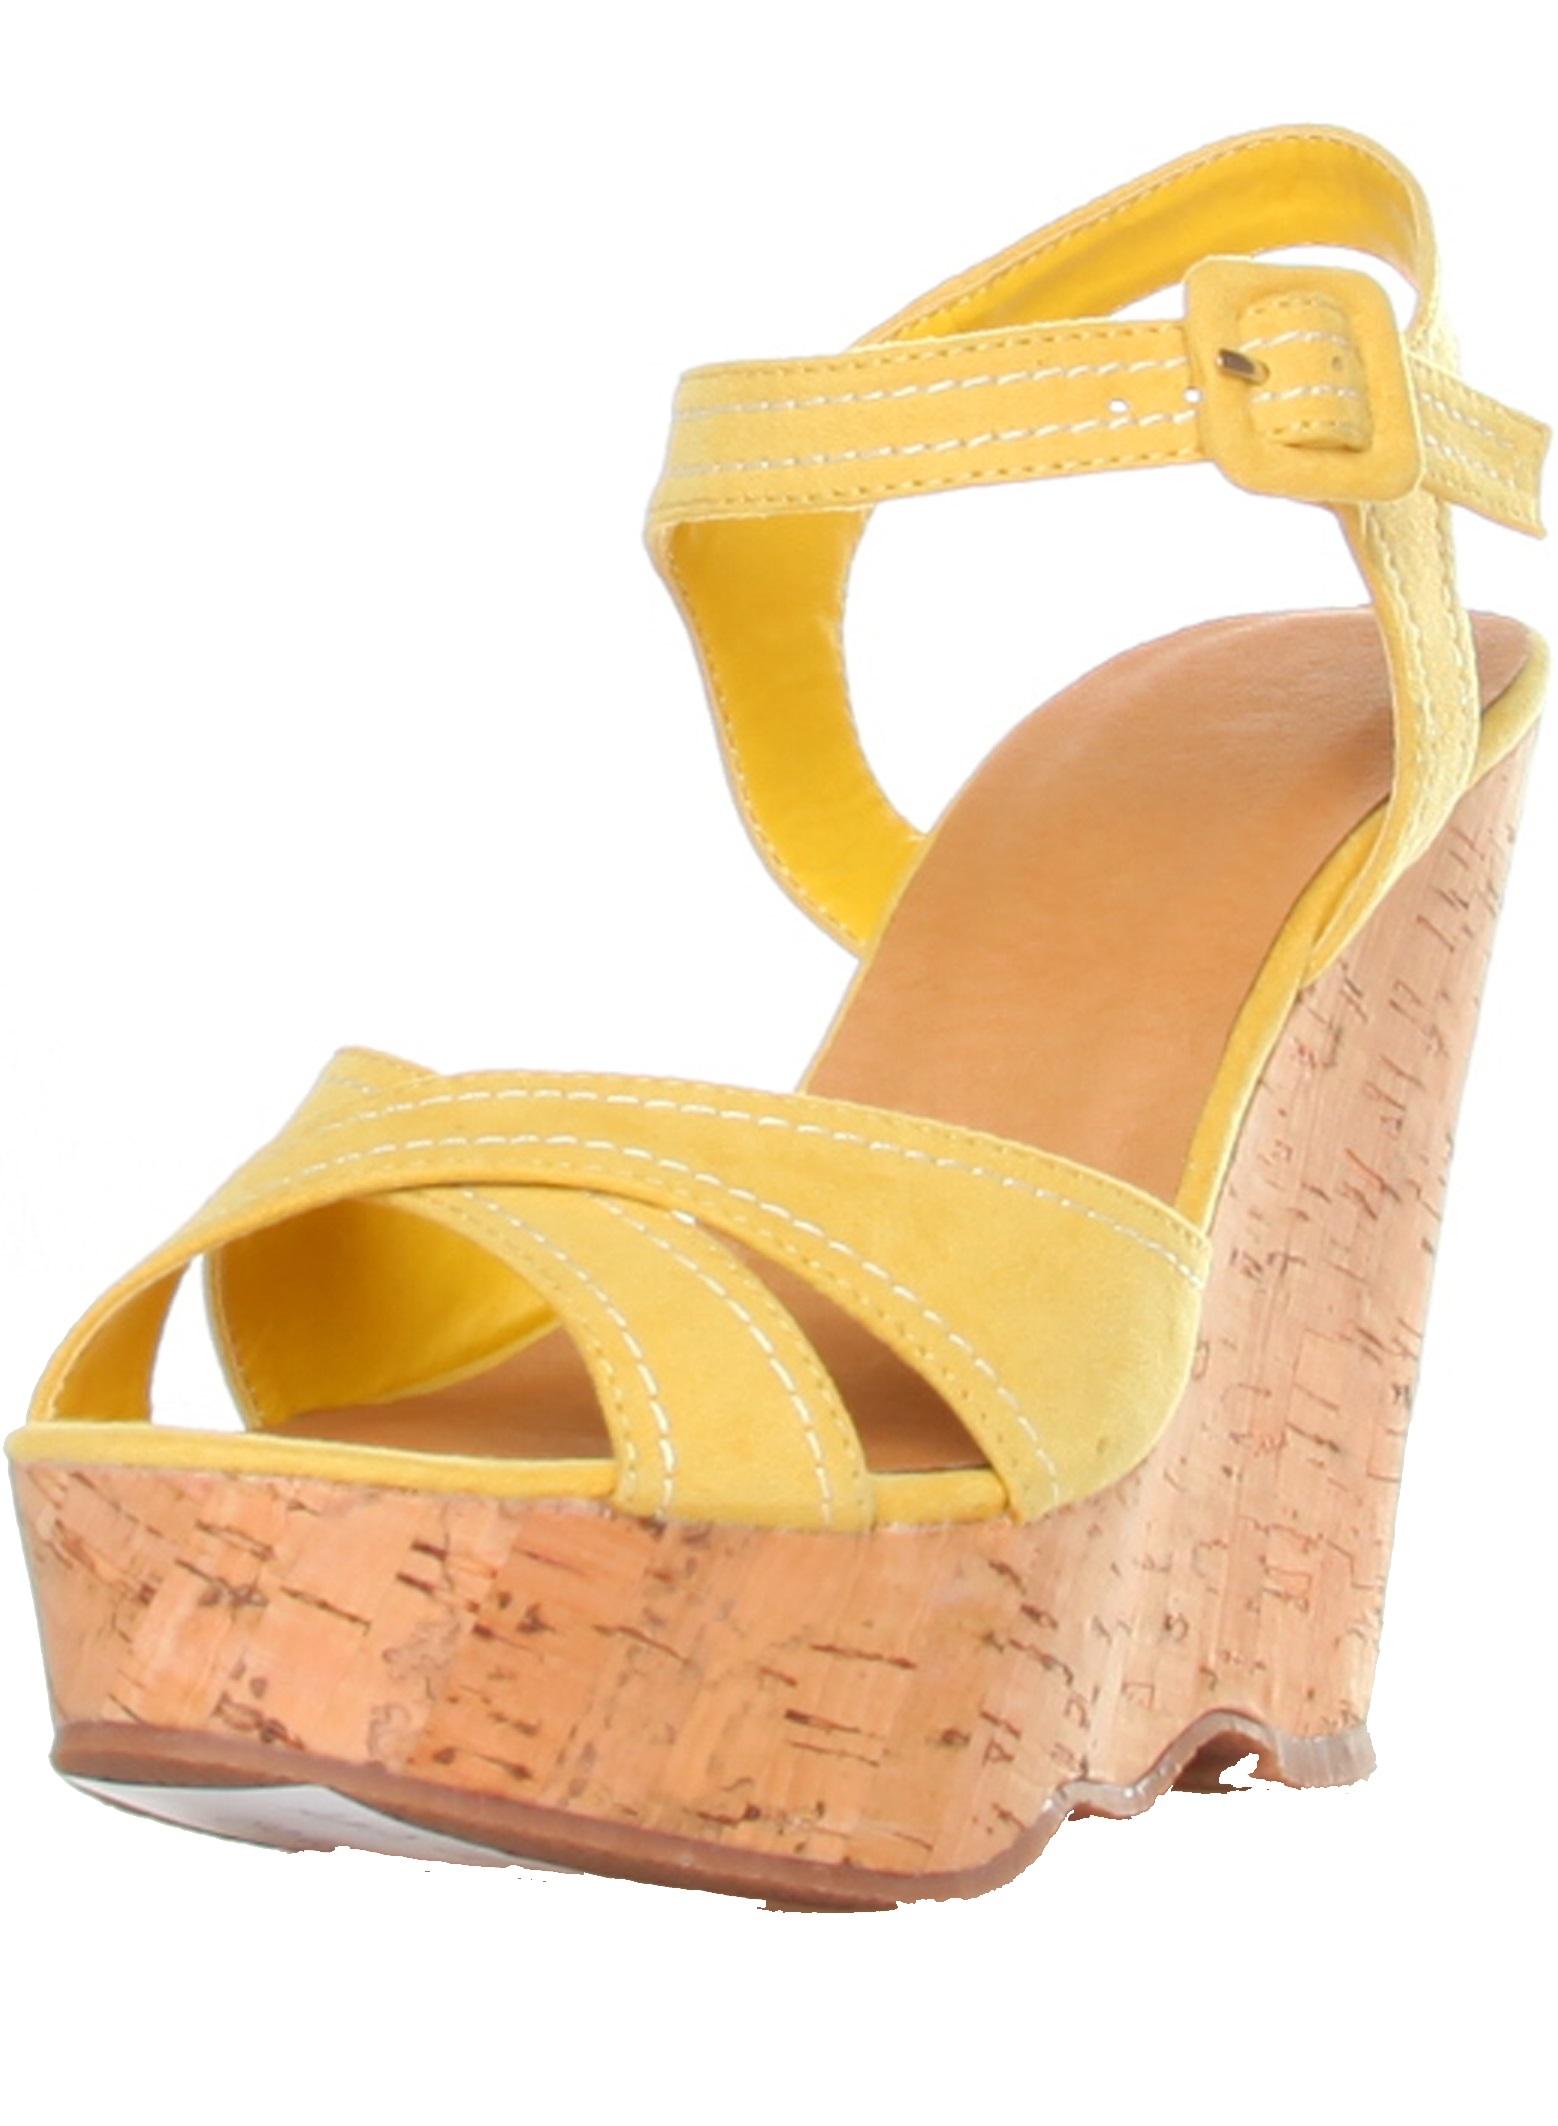 Ana Lublin Sandals Giallo Rf600349